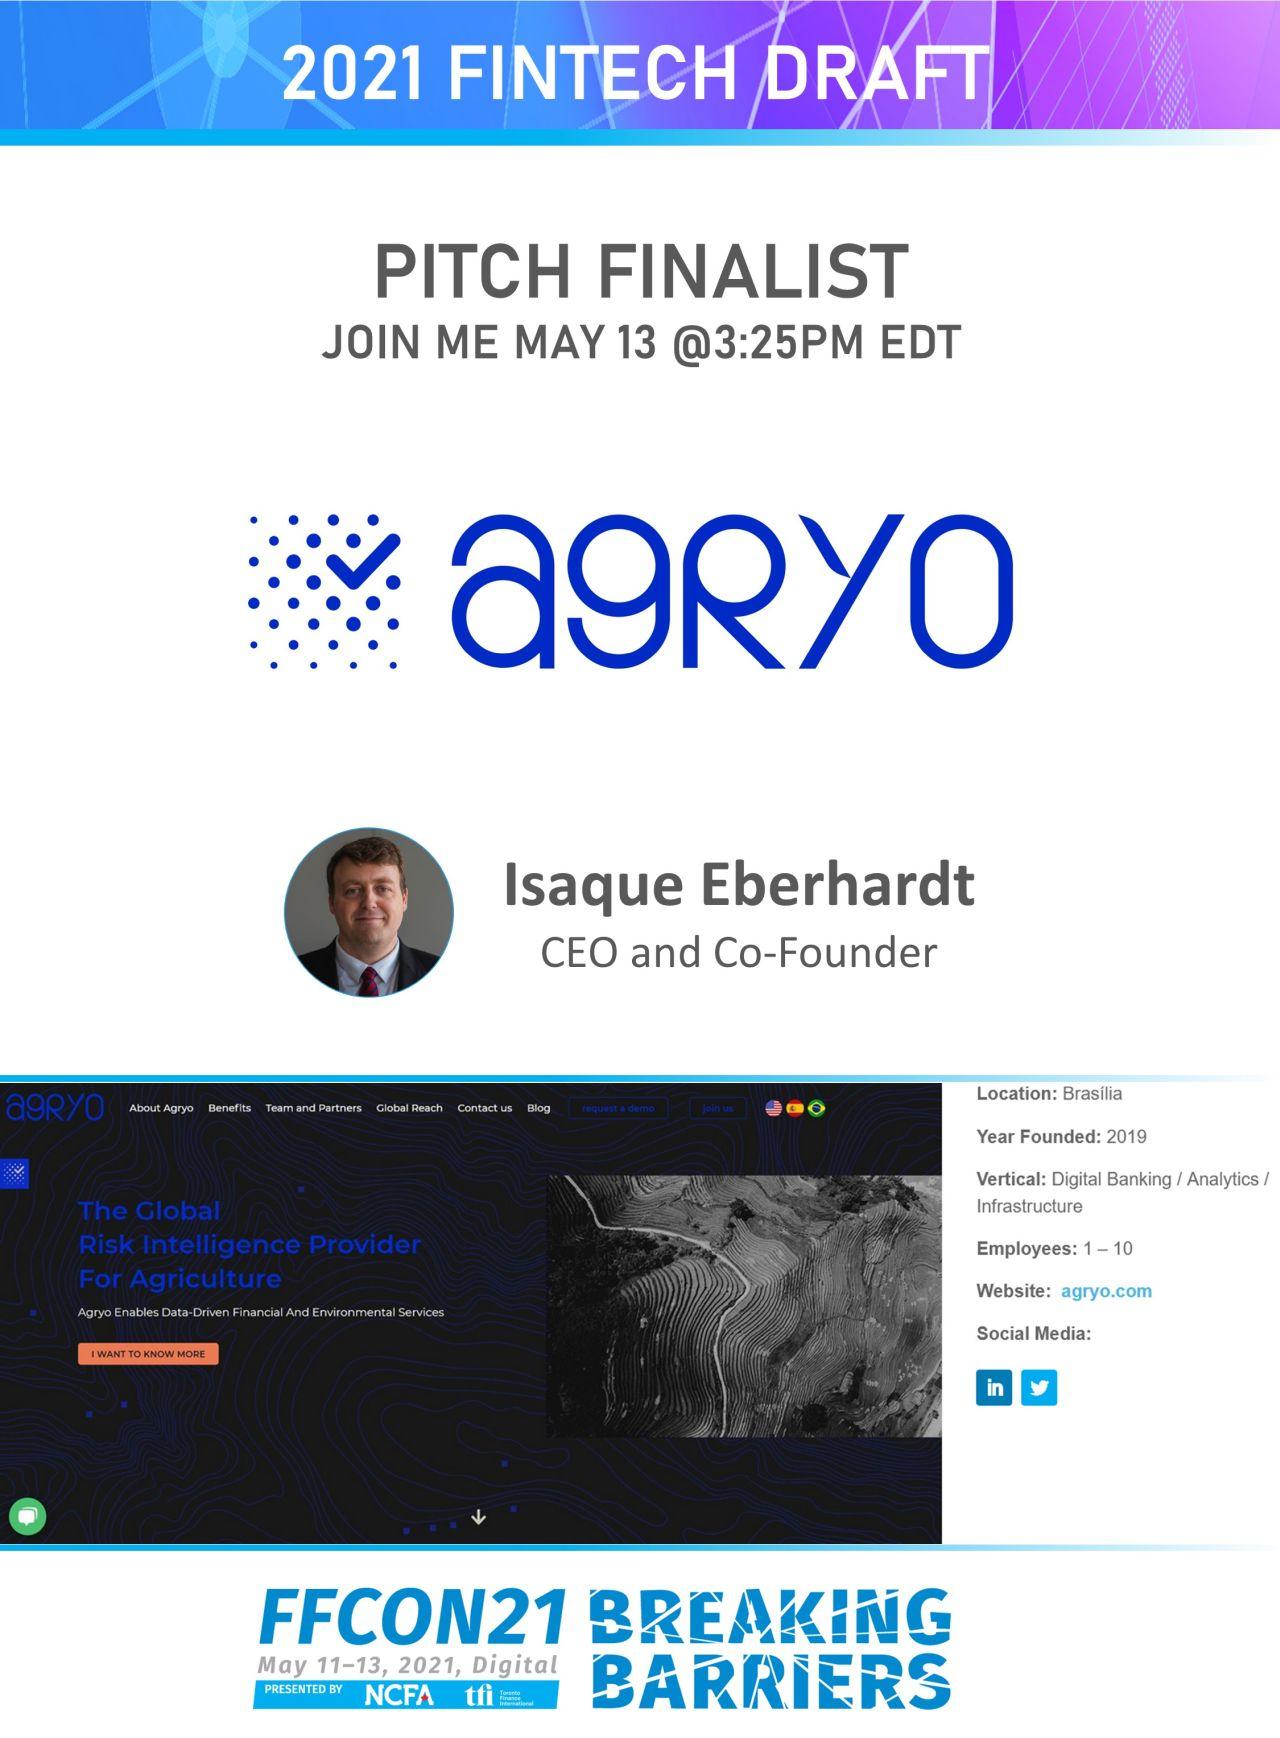 FFCON21 Pitch Finalist Agryo